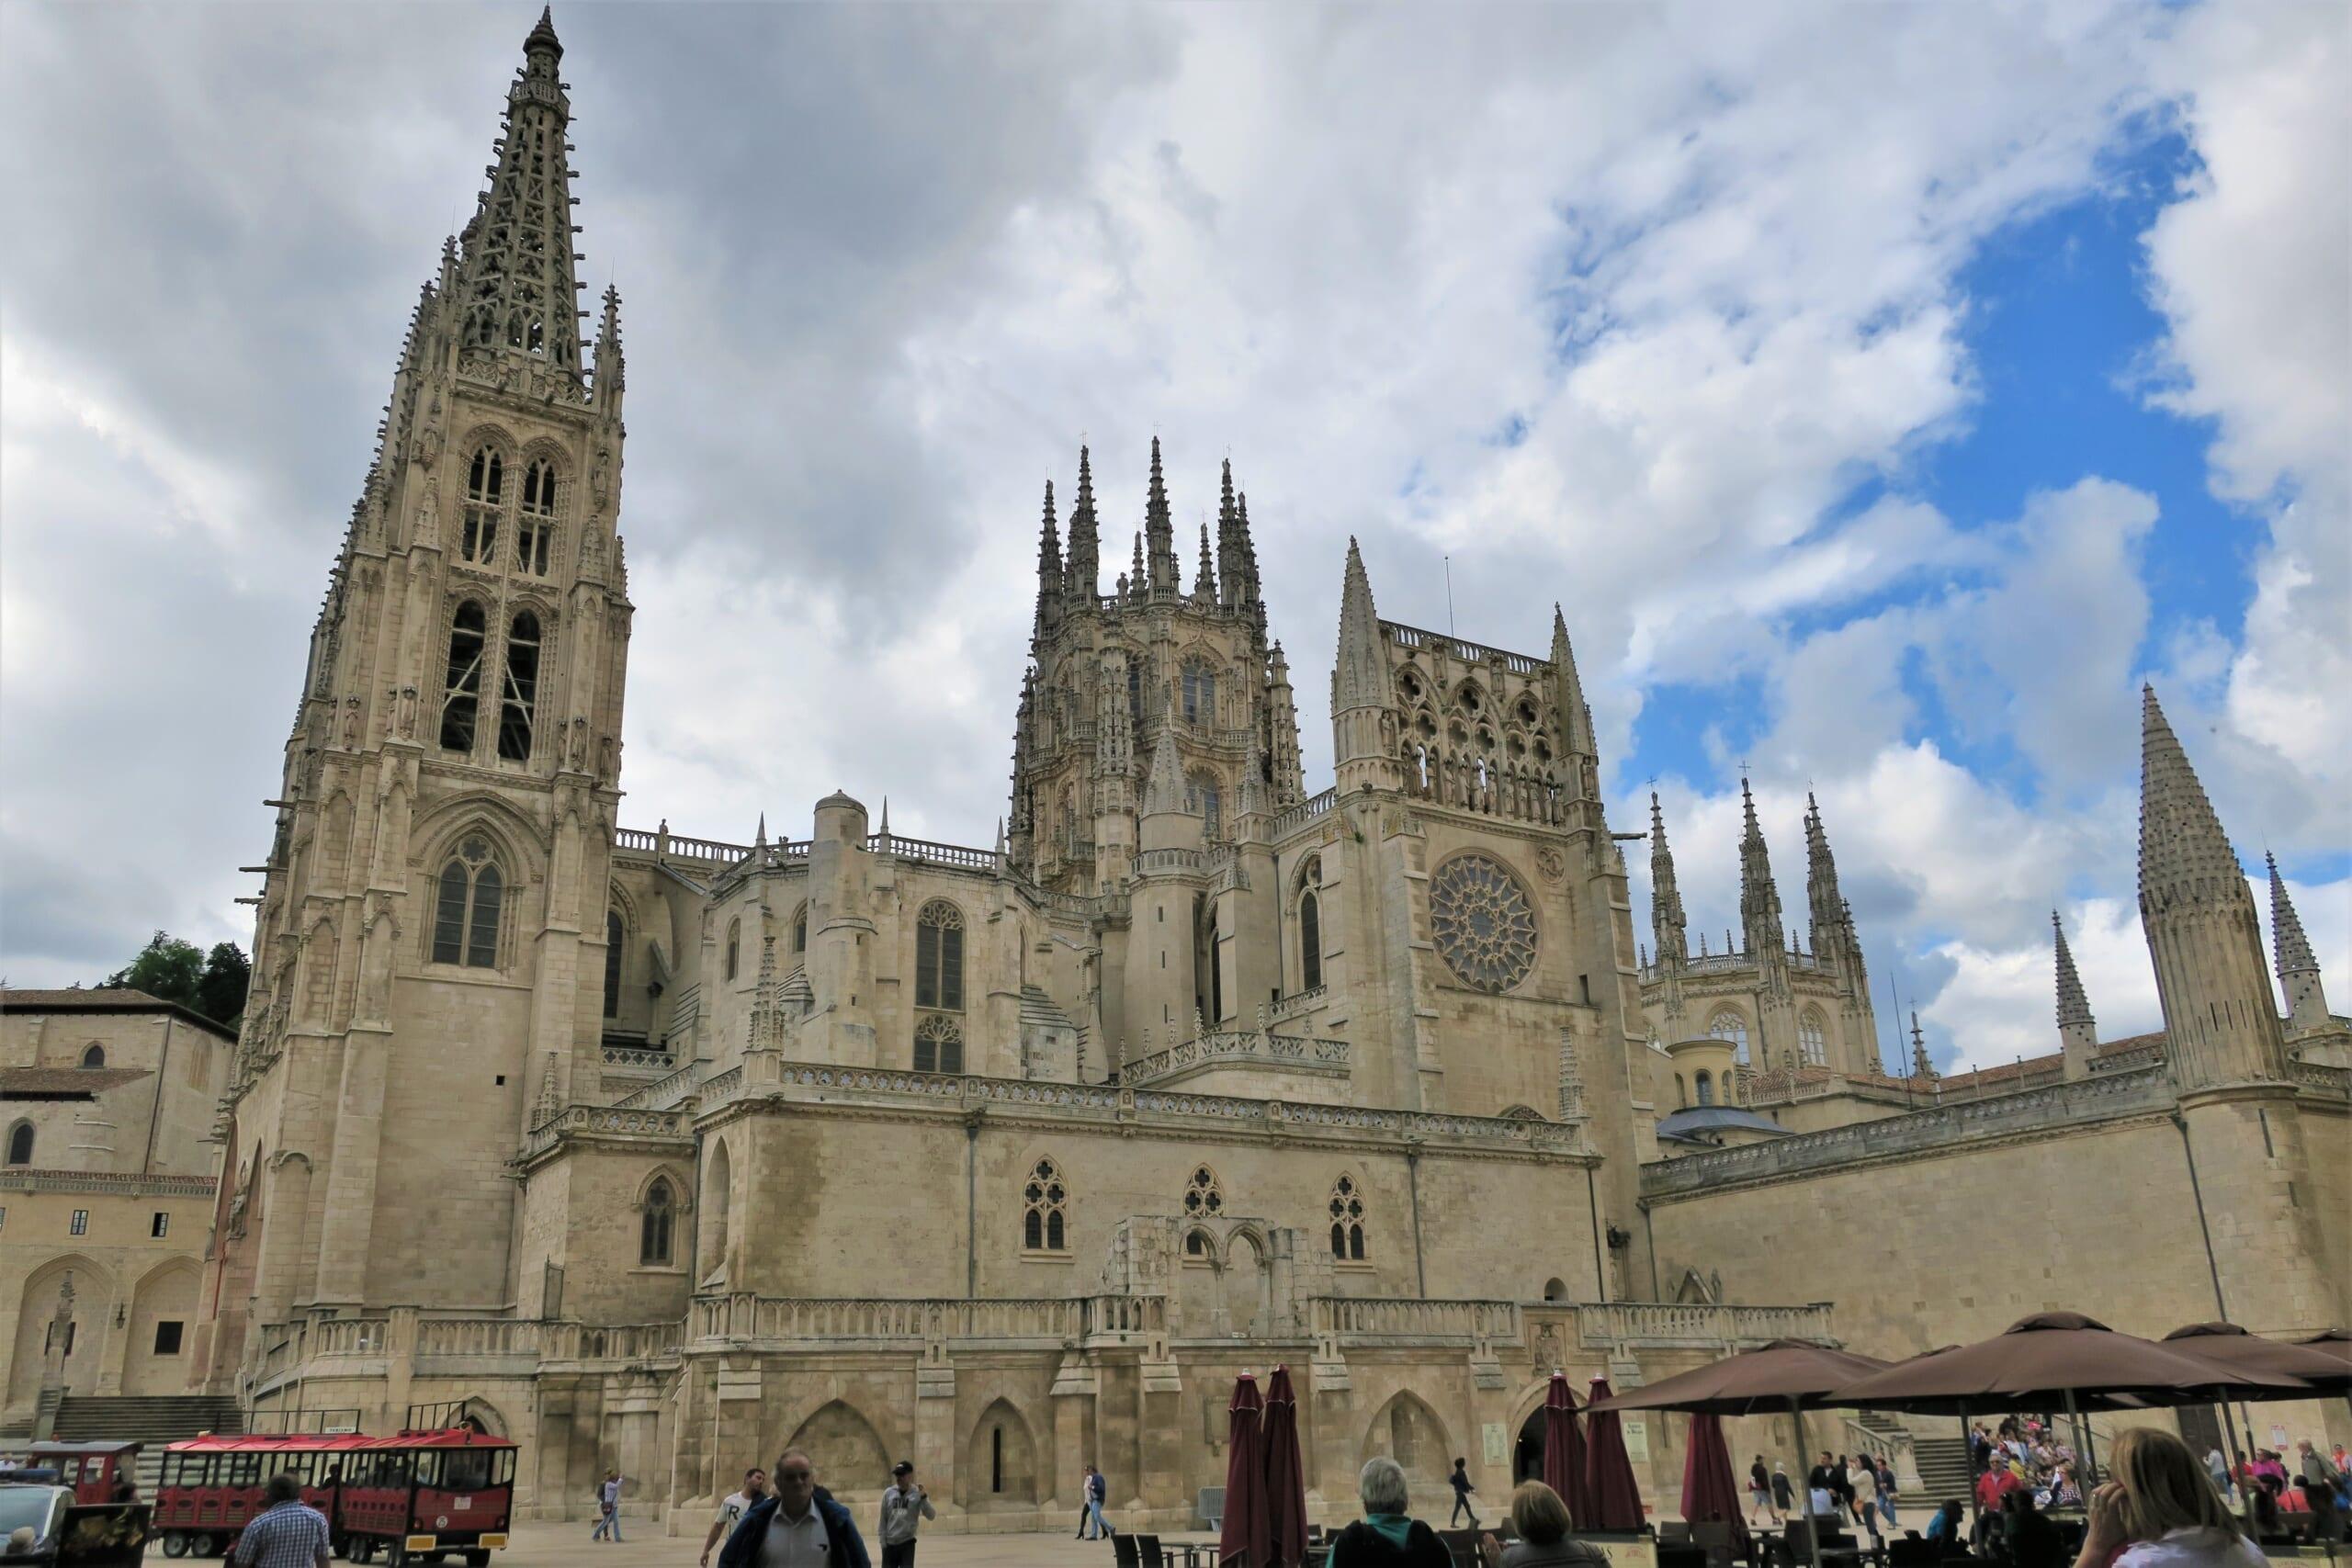 北スペインの観光地であるブルゴスの大聖堂